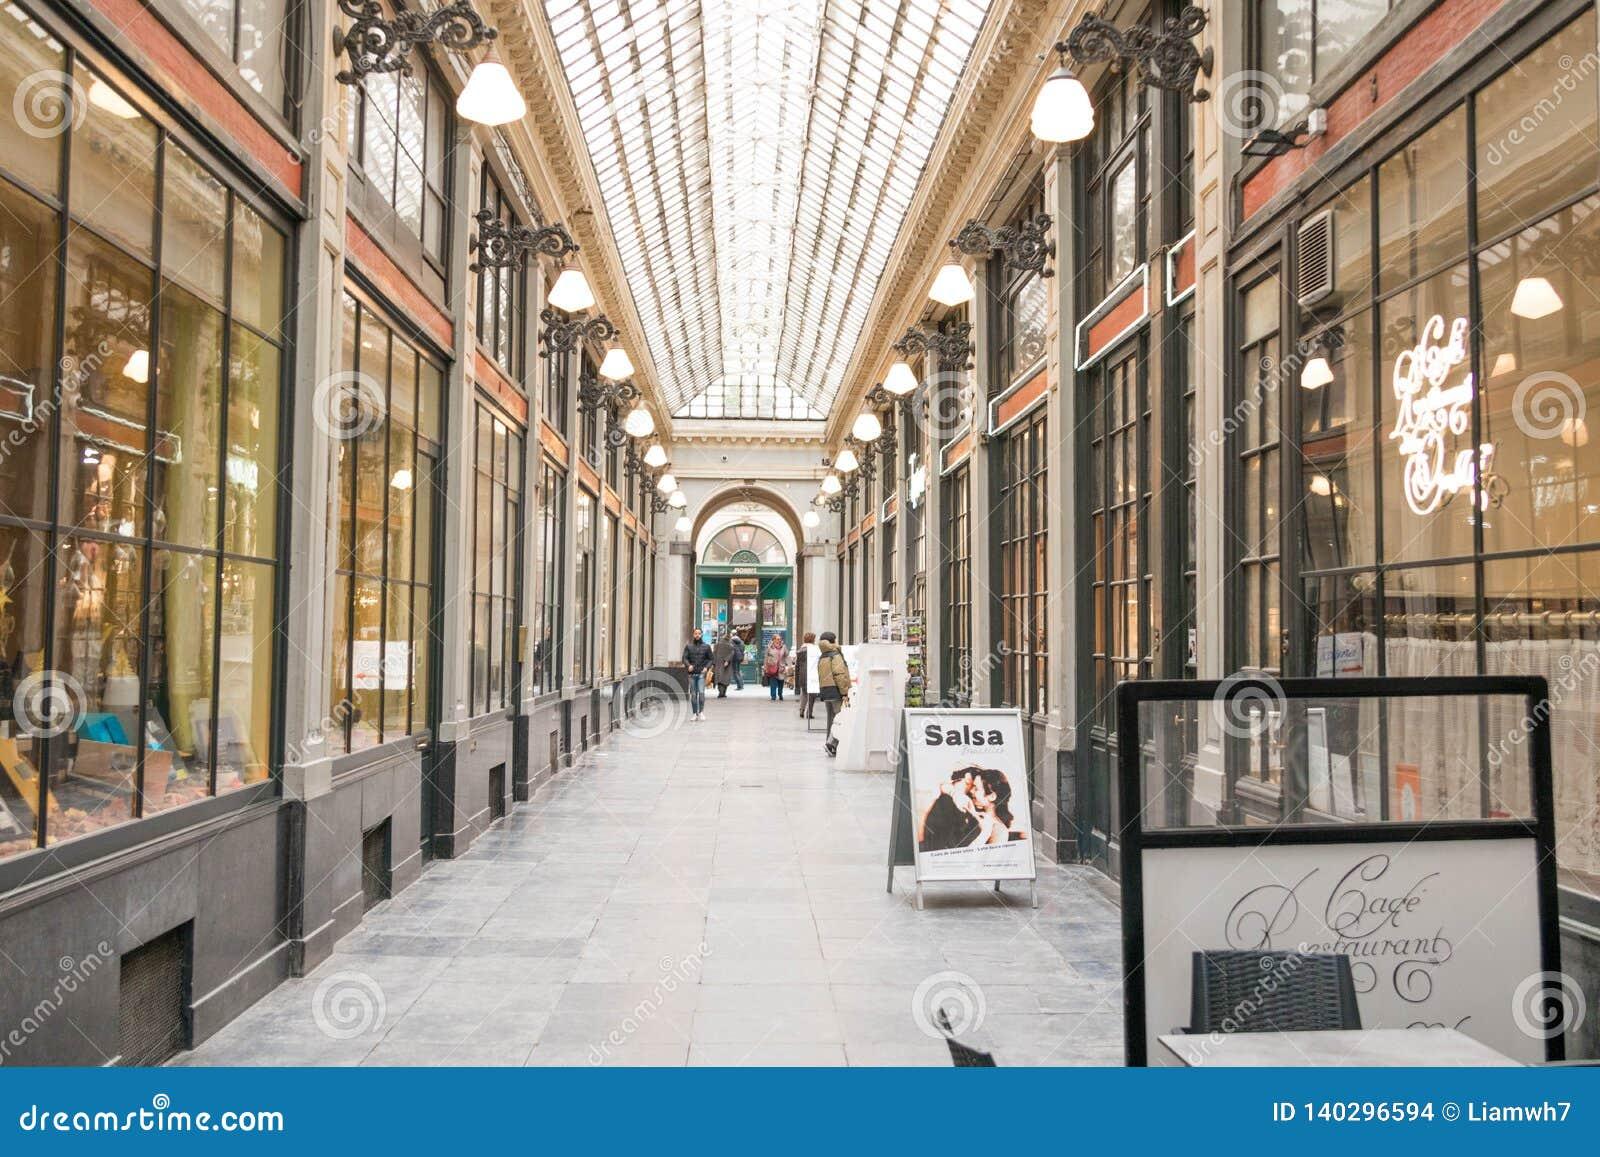 Bruselas/Belgium-01 02 19: Galería de Galerie de la reine Bruselas de la reina